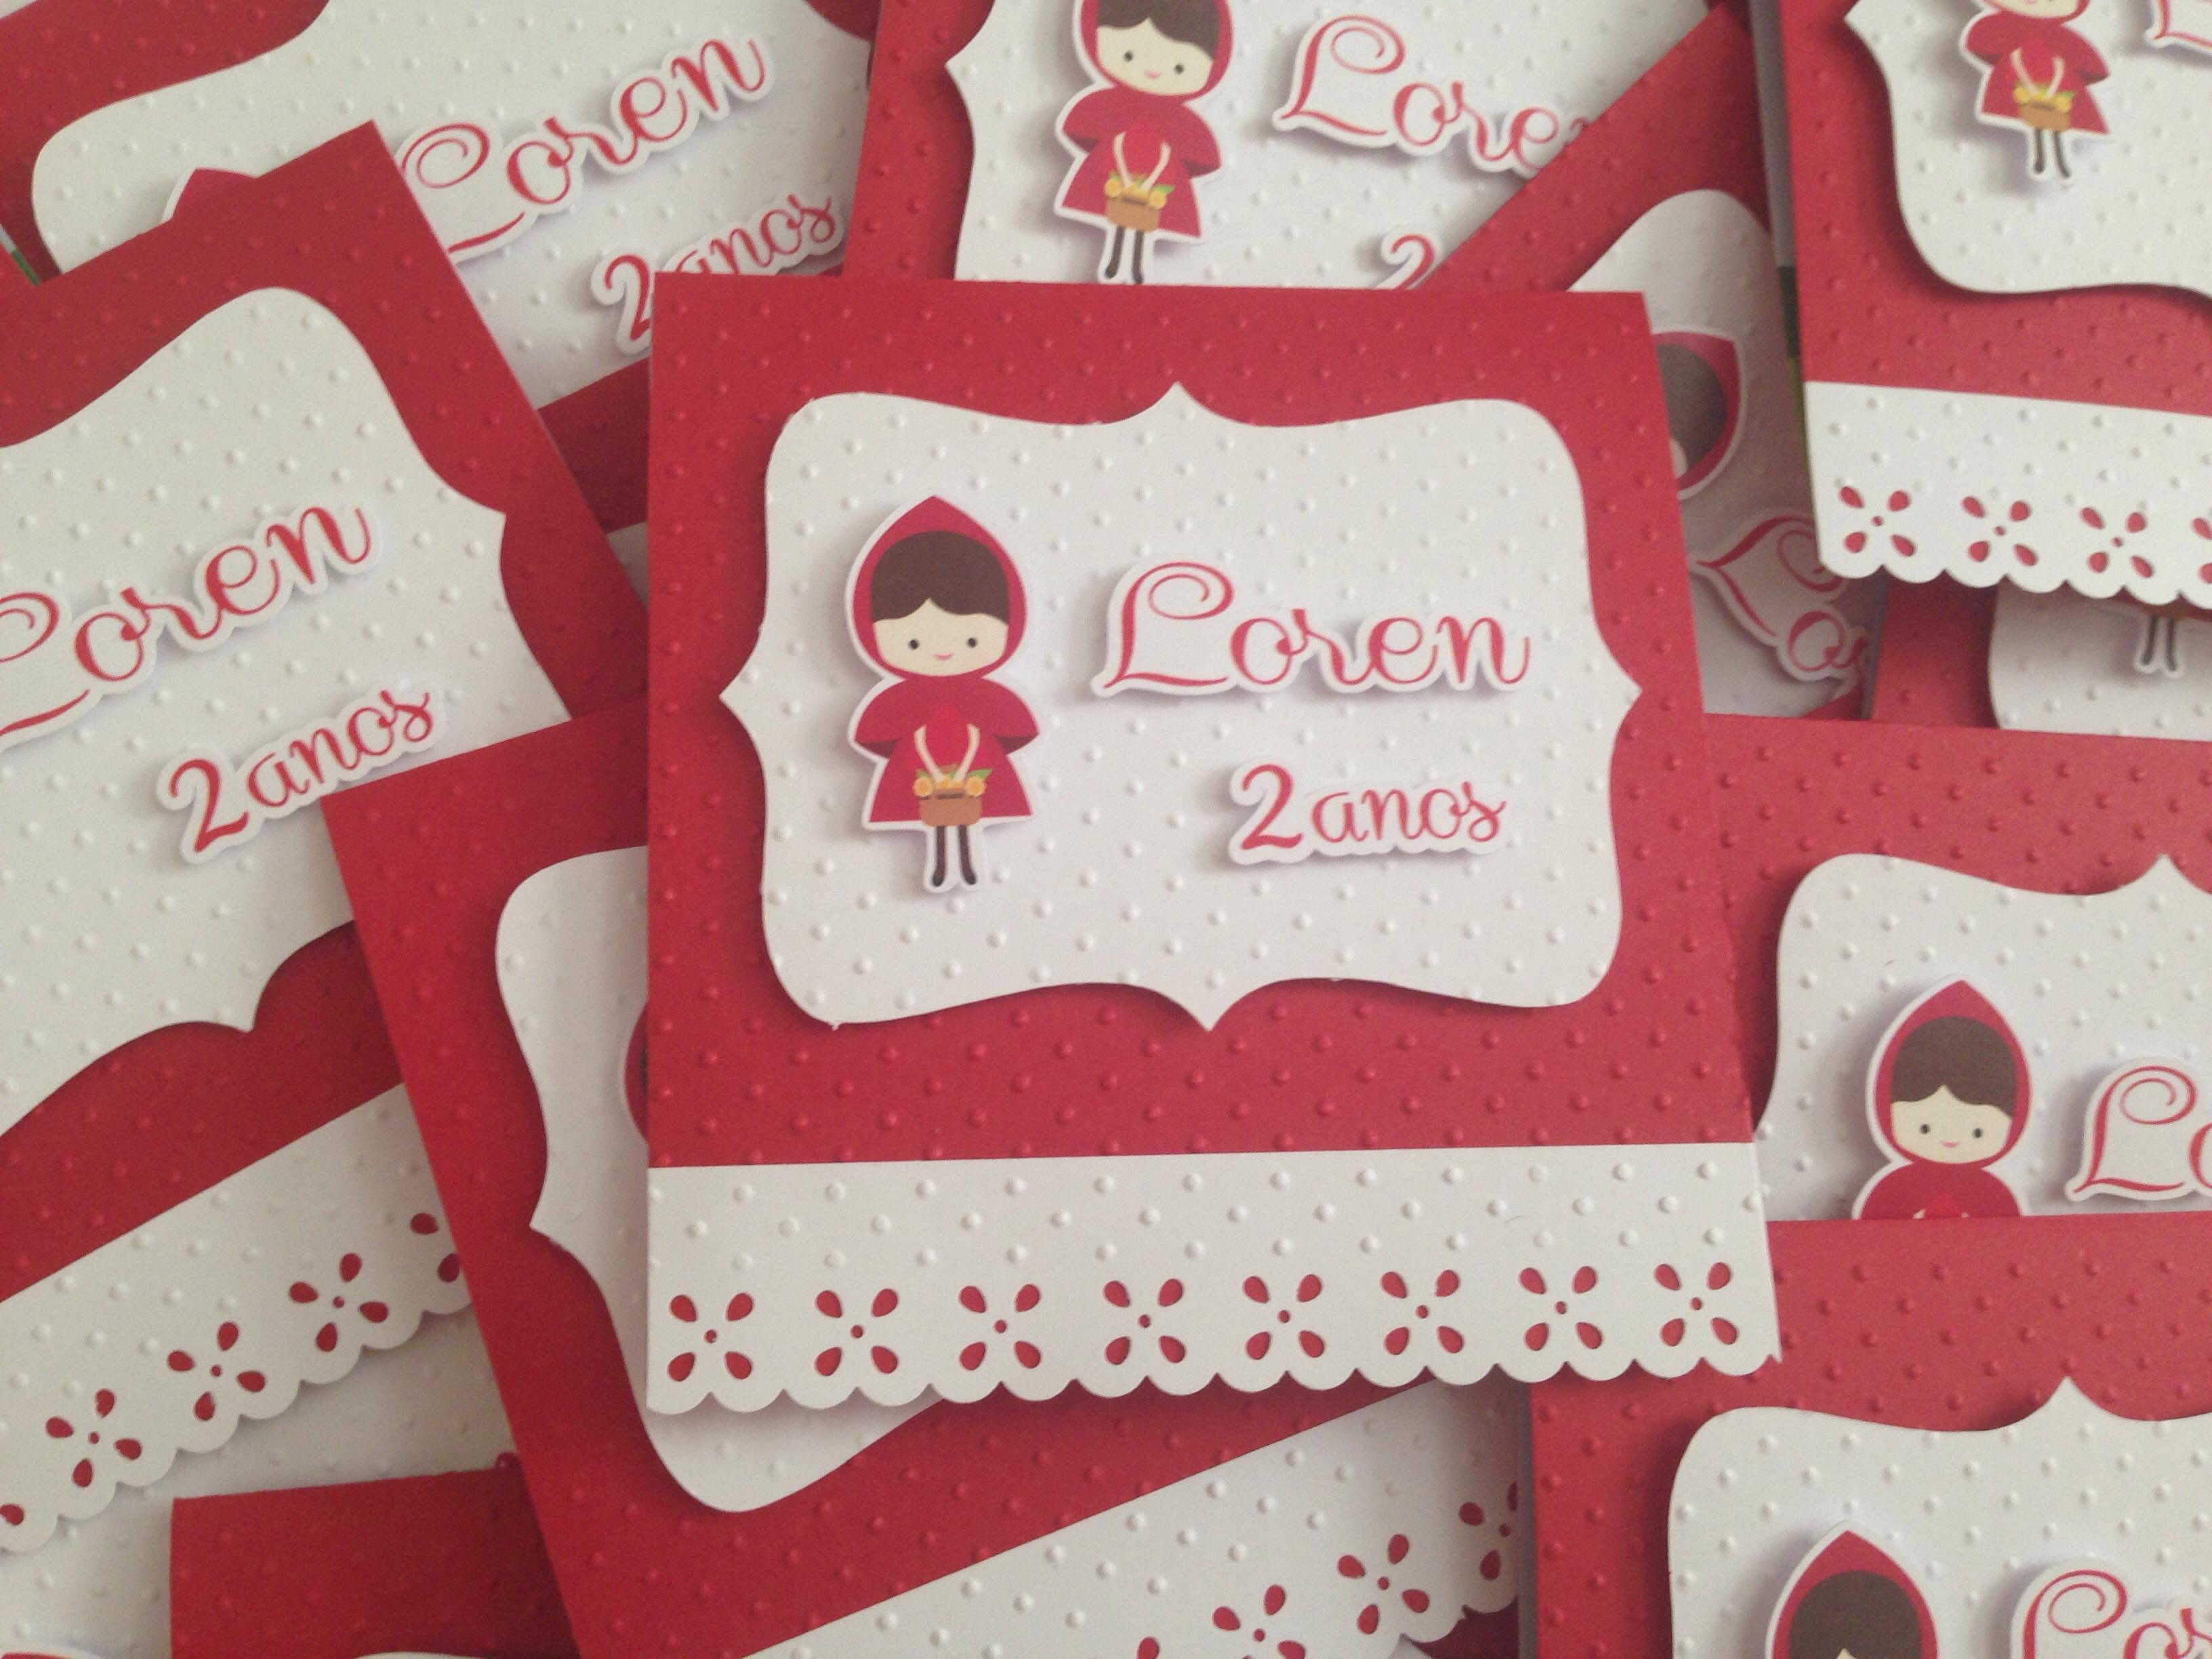 Extremamente Convite Chapeuzinho Vermelho - modelo 01 no Elo7 | LUCILEIA  OH47